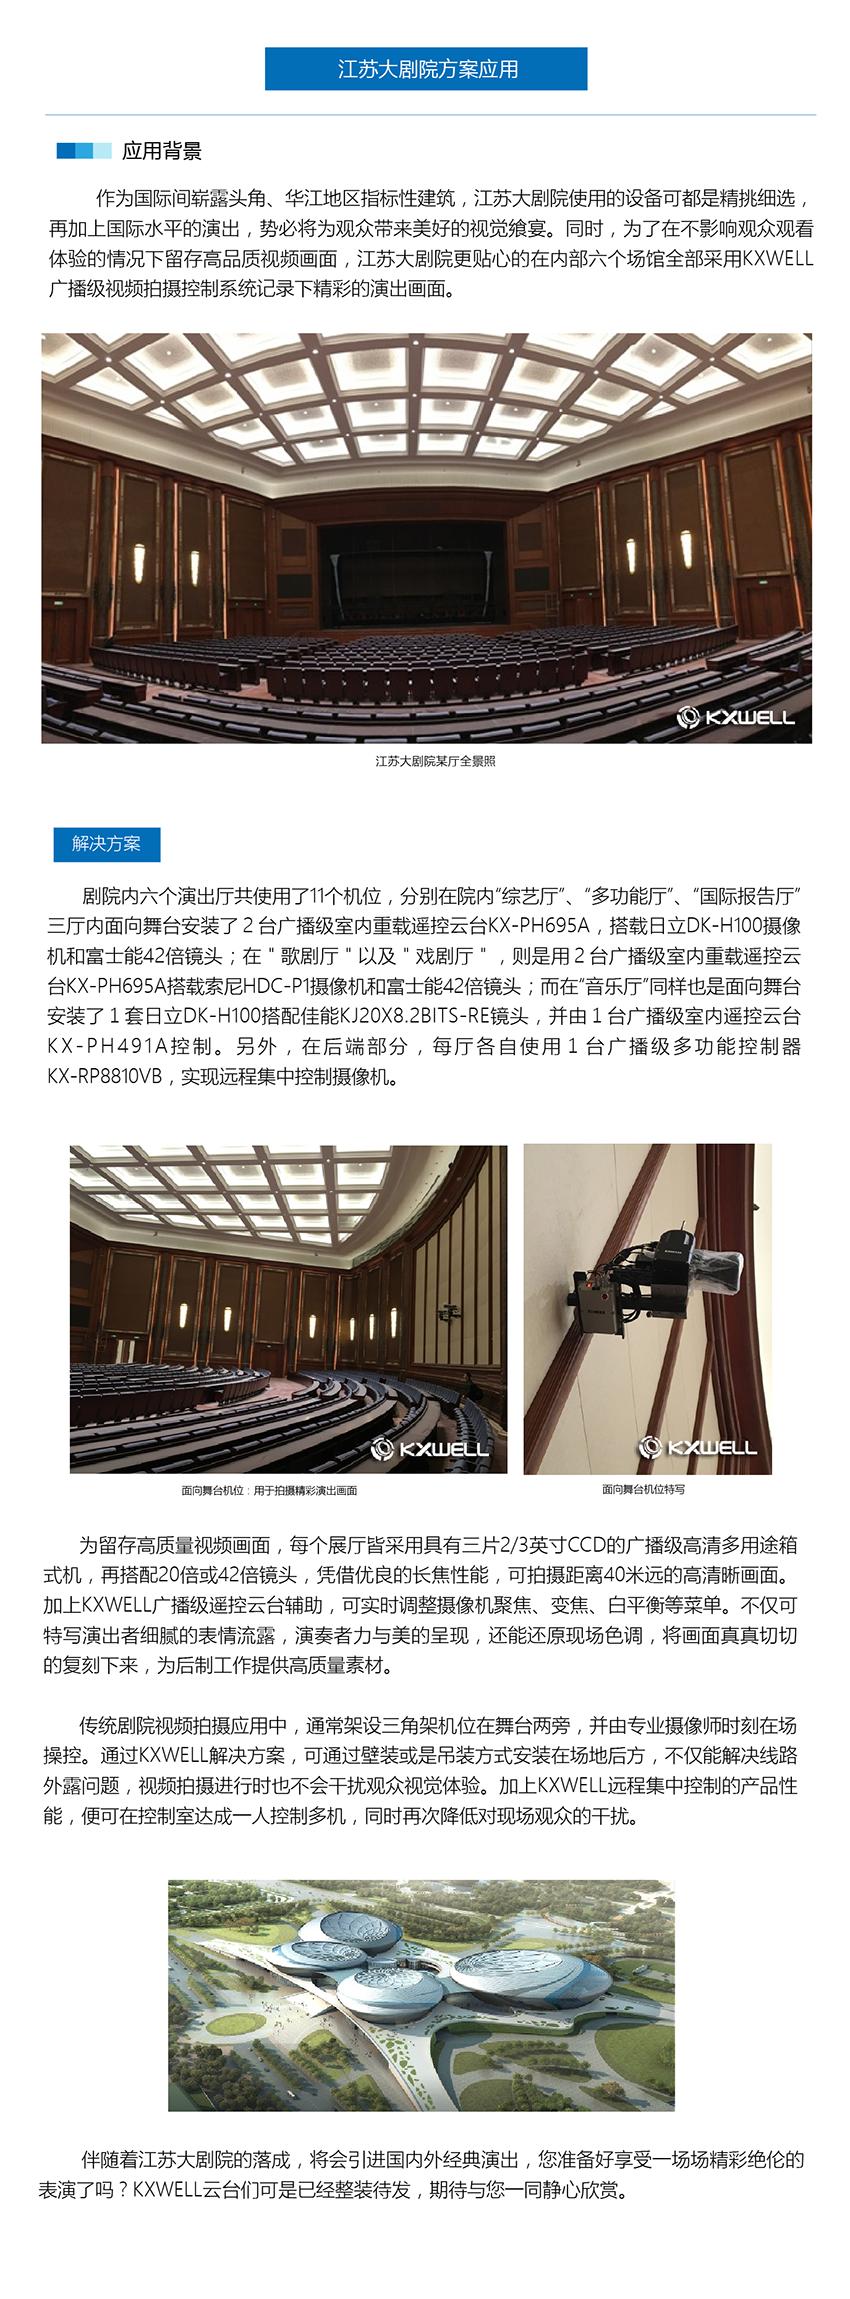 艺术与科技融合之美——江苏大剧院